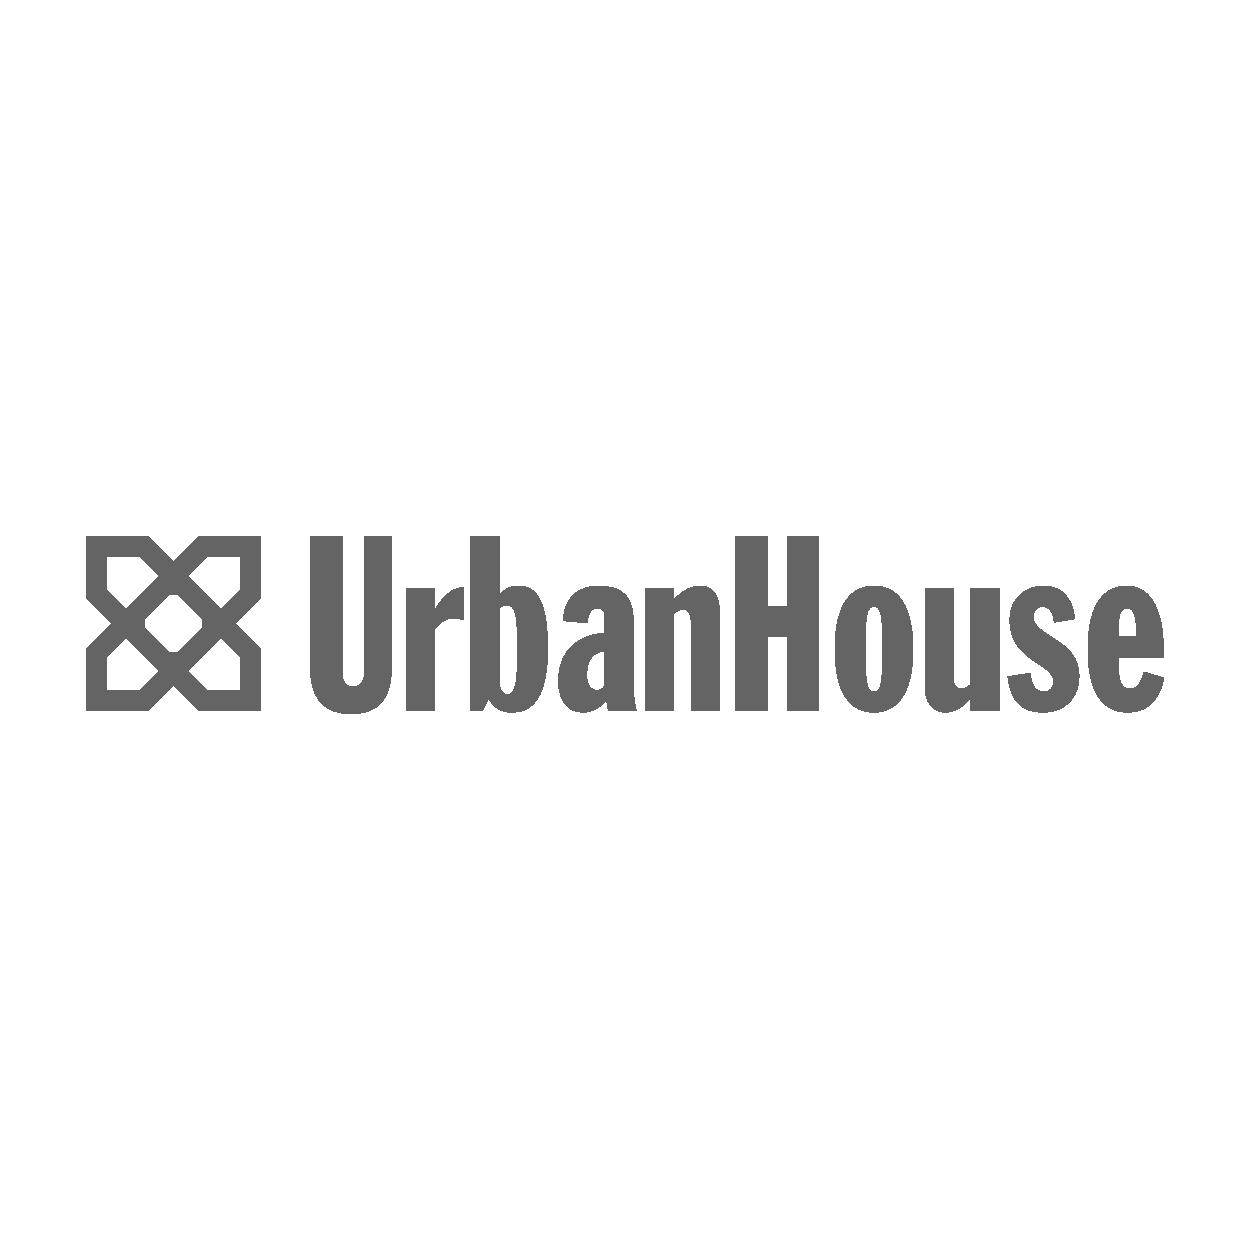 logo_UrbanHouse.png